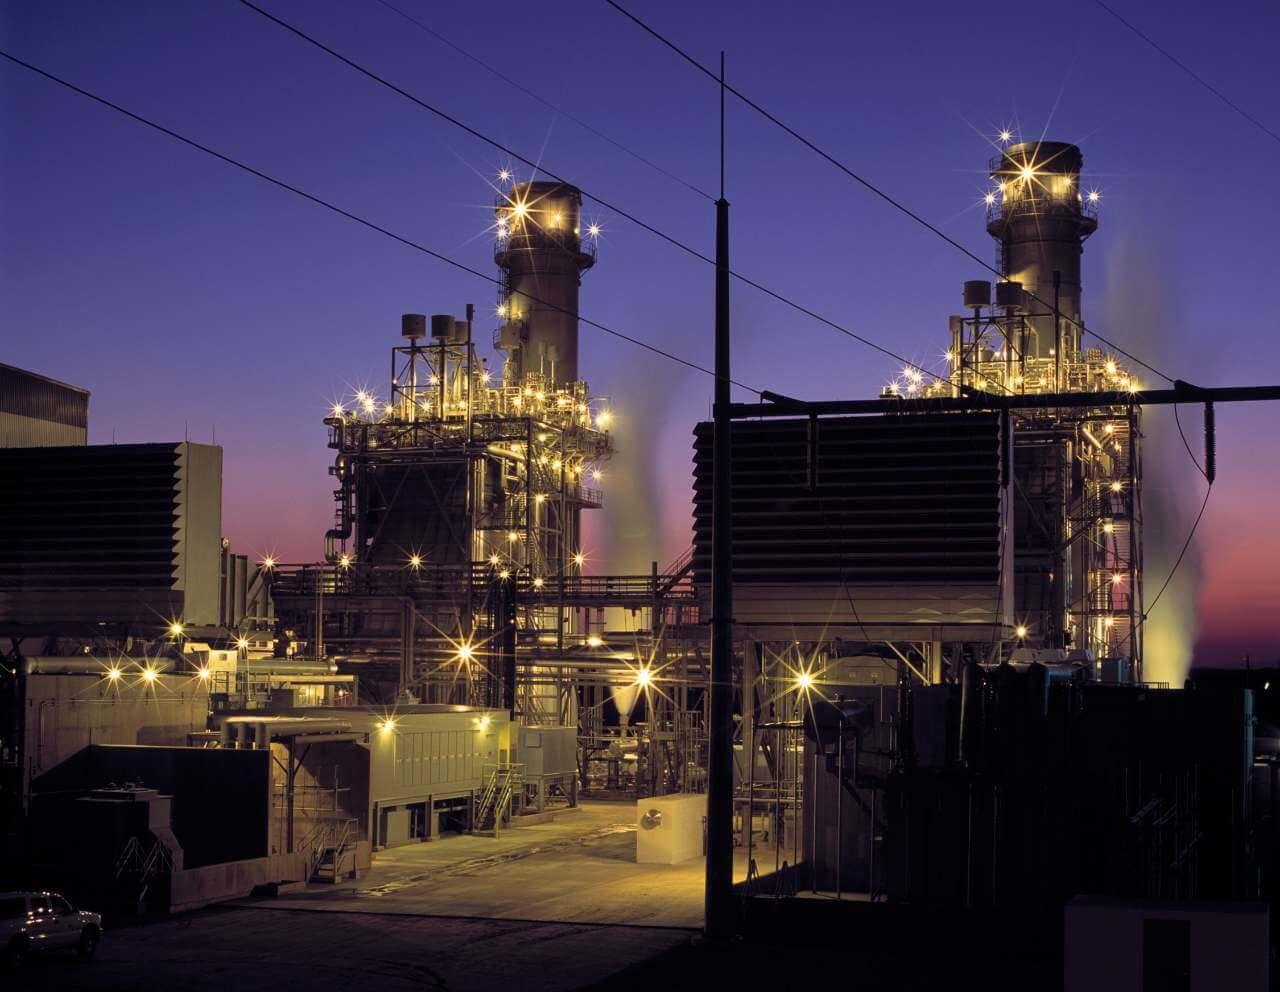 Industriestrom: Wie Unternehmen ihre Energiekosten erheblich senken können